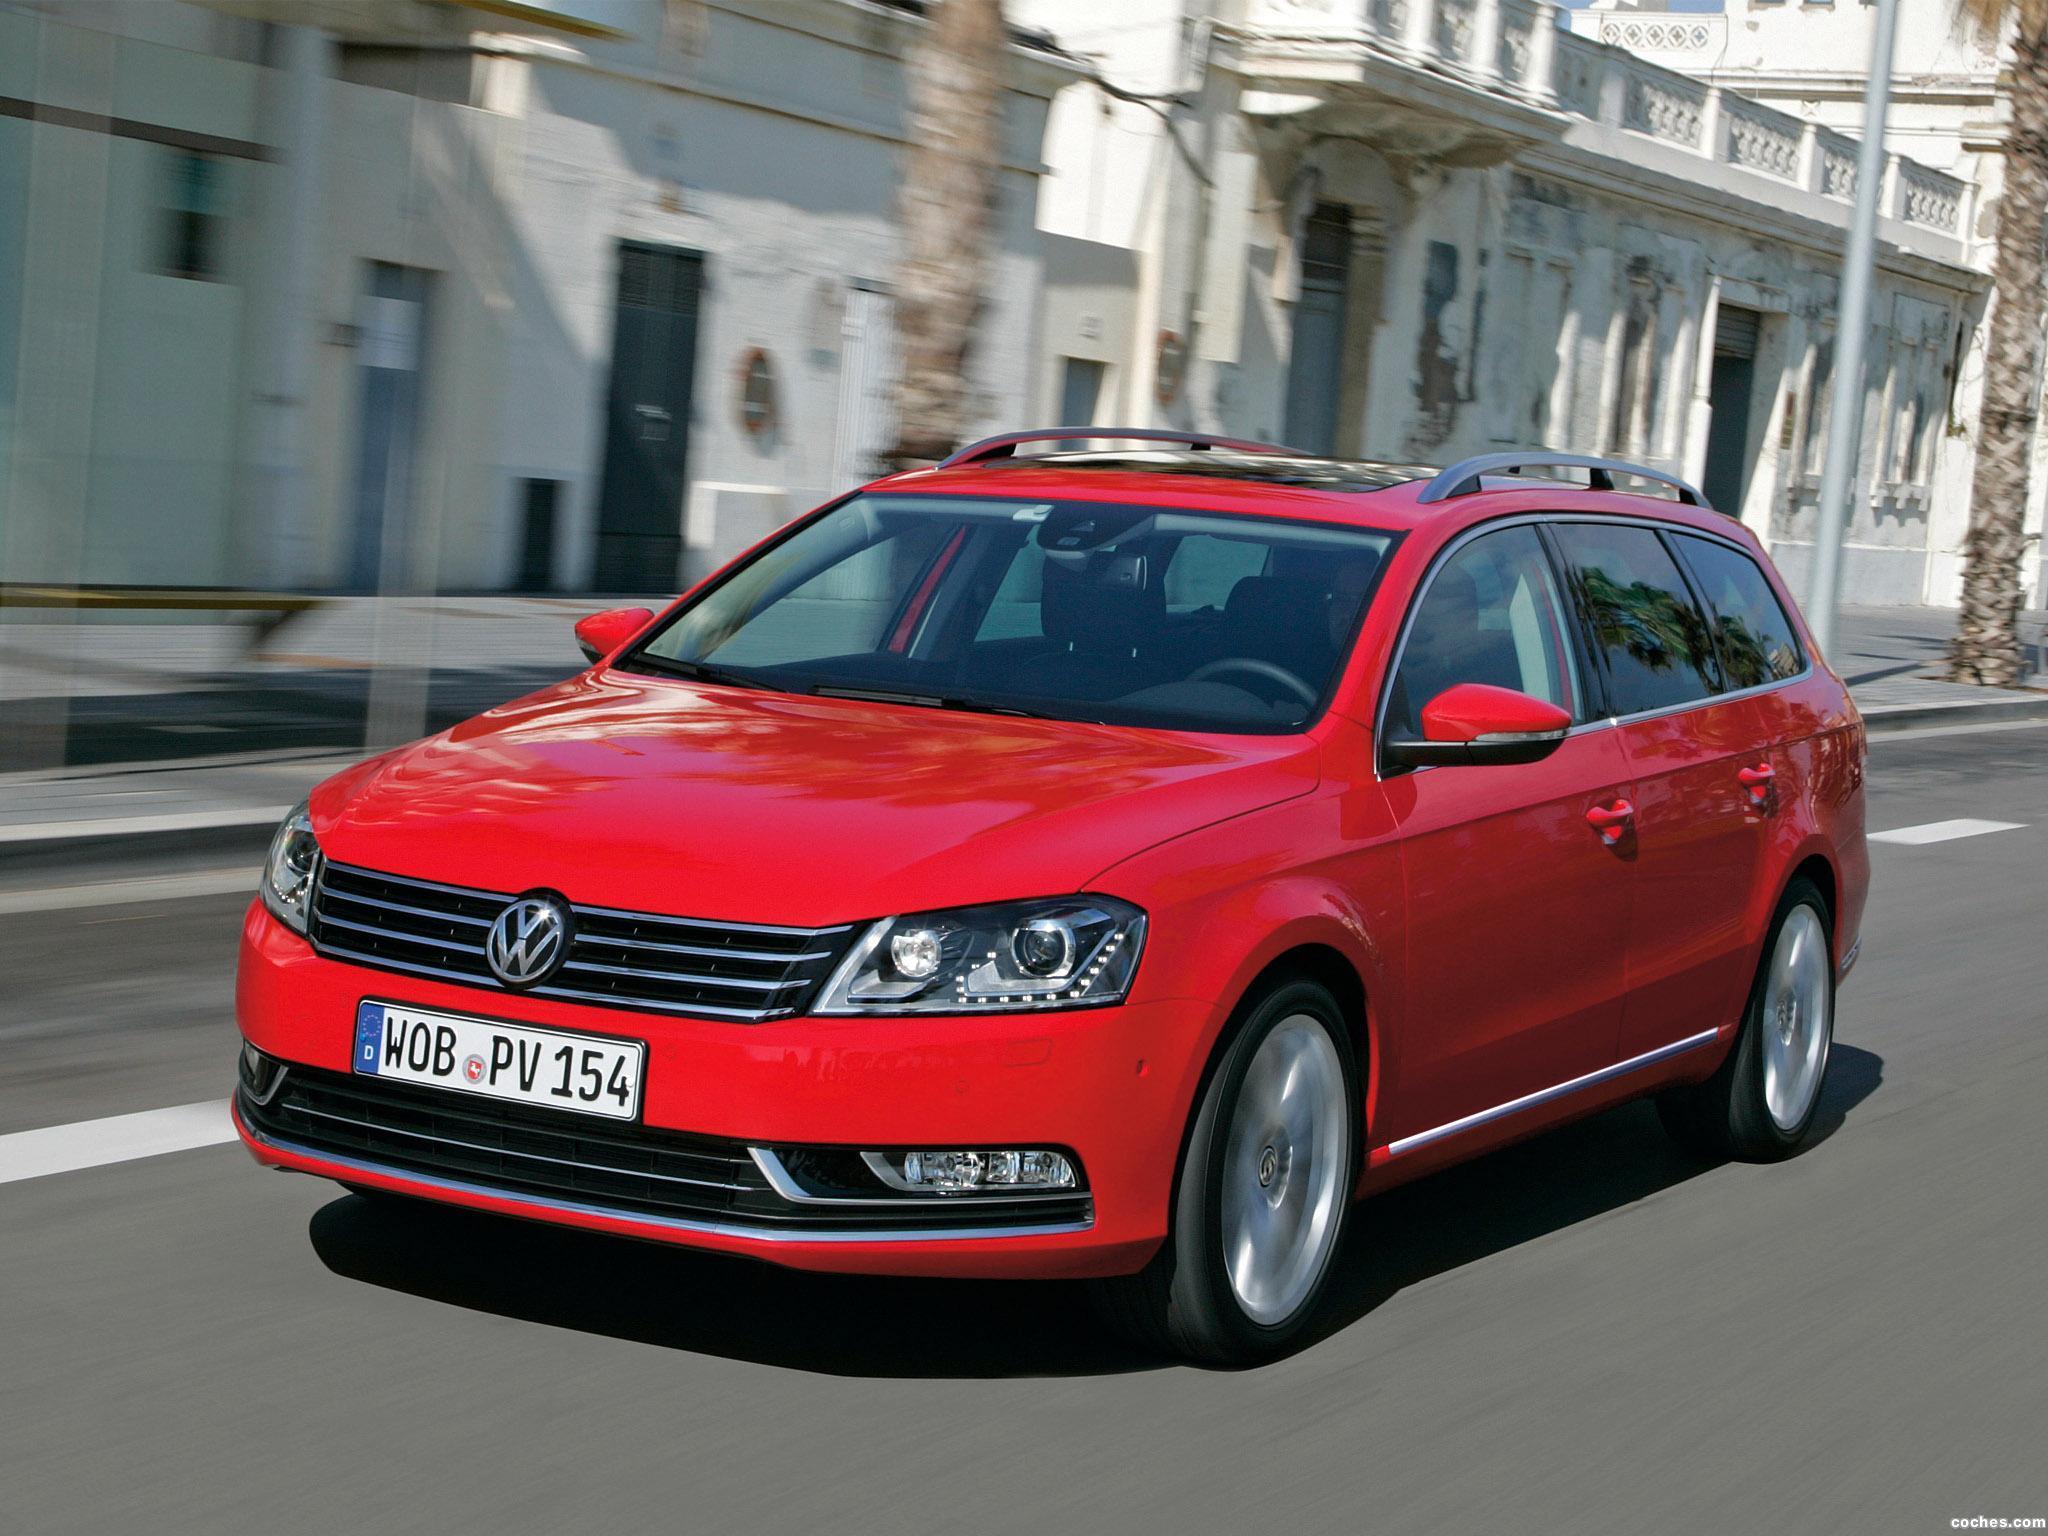 Foto 0 de Volkswagen Passat Variant BlueMotion 2010